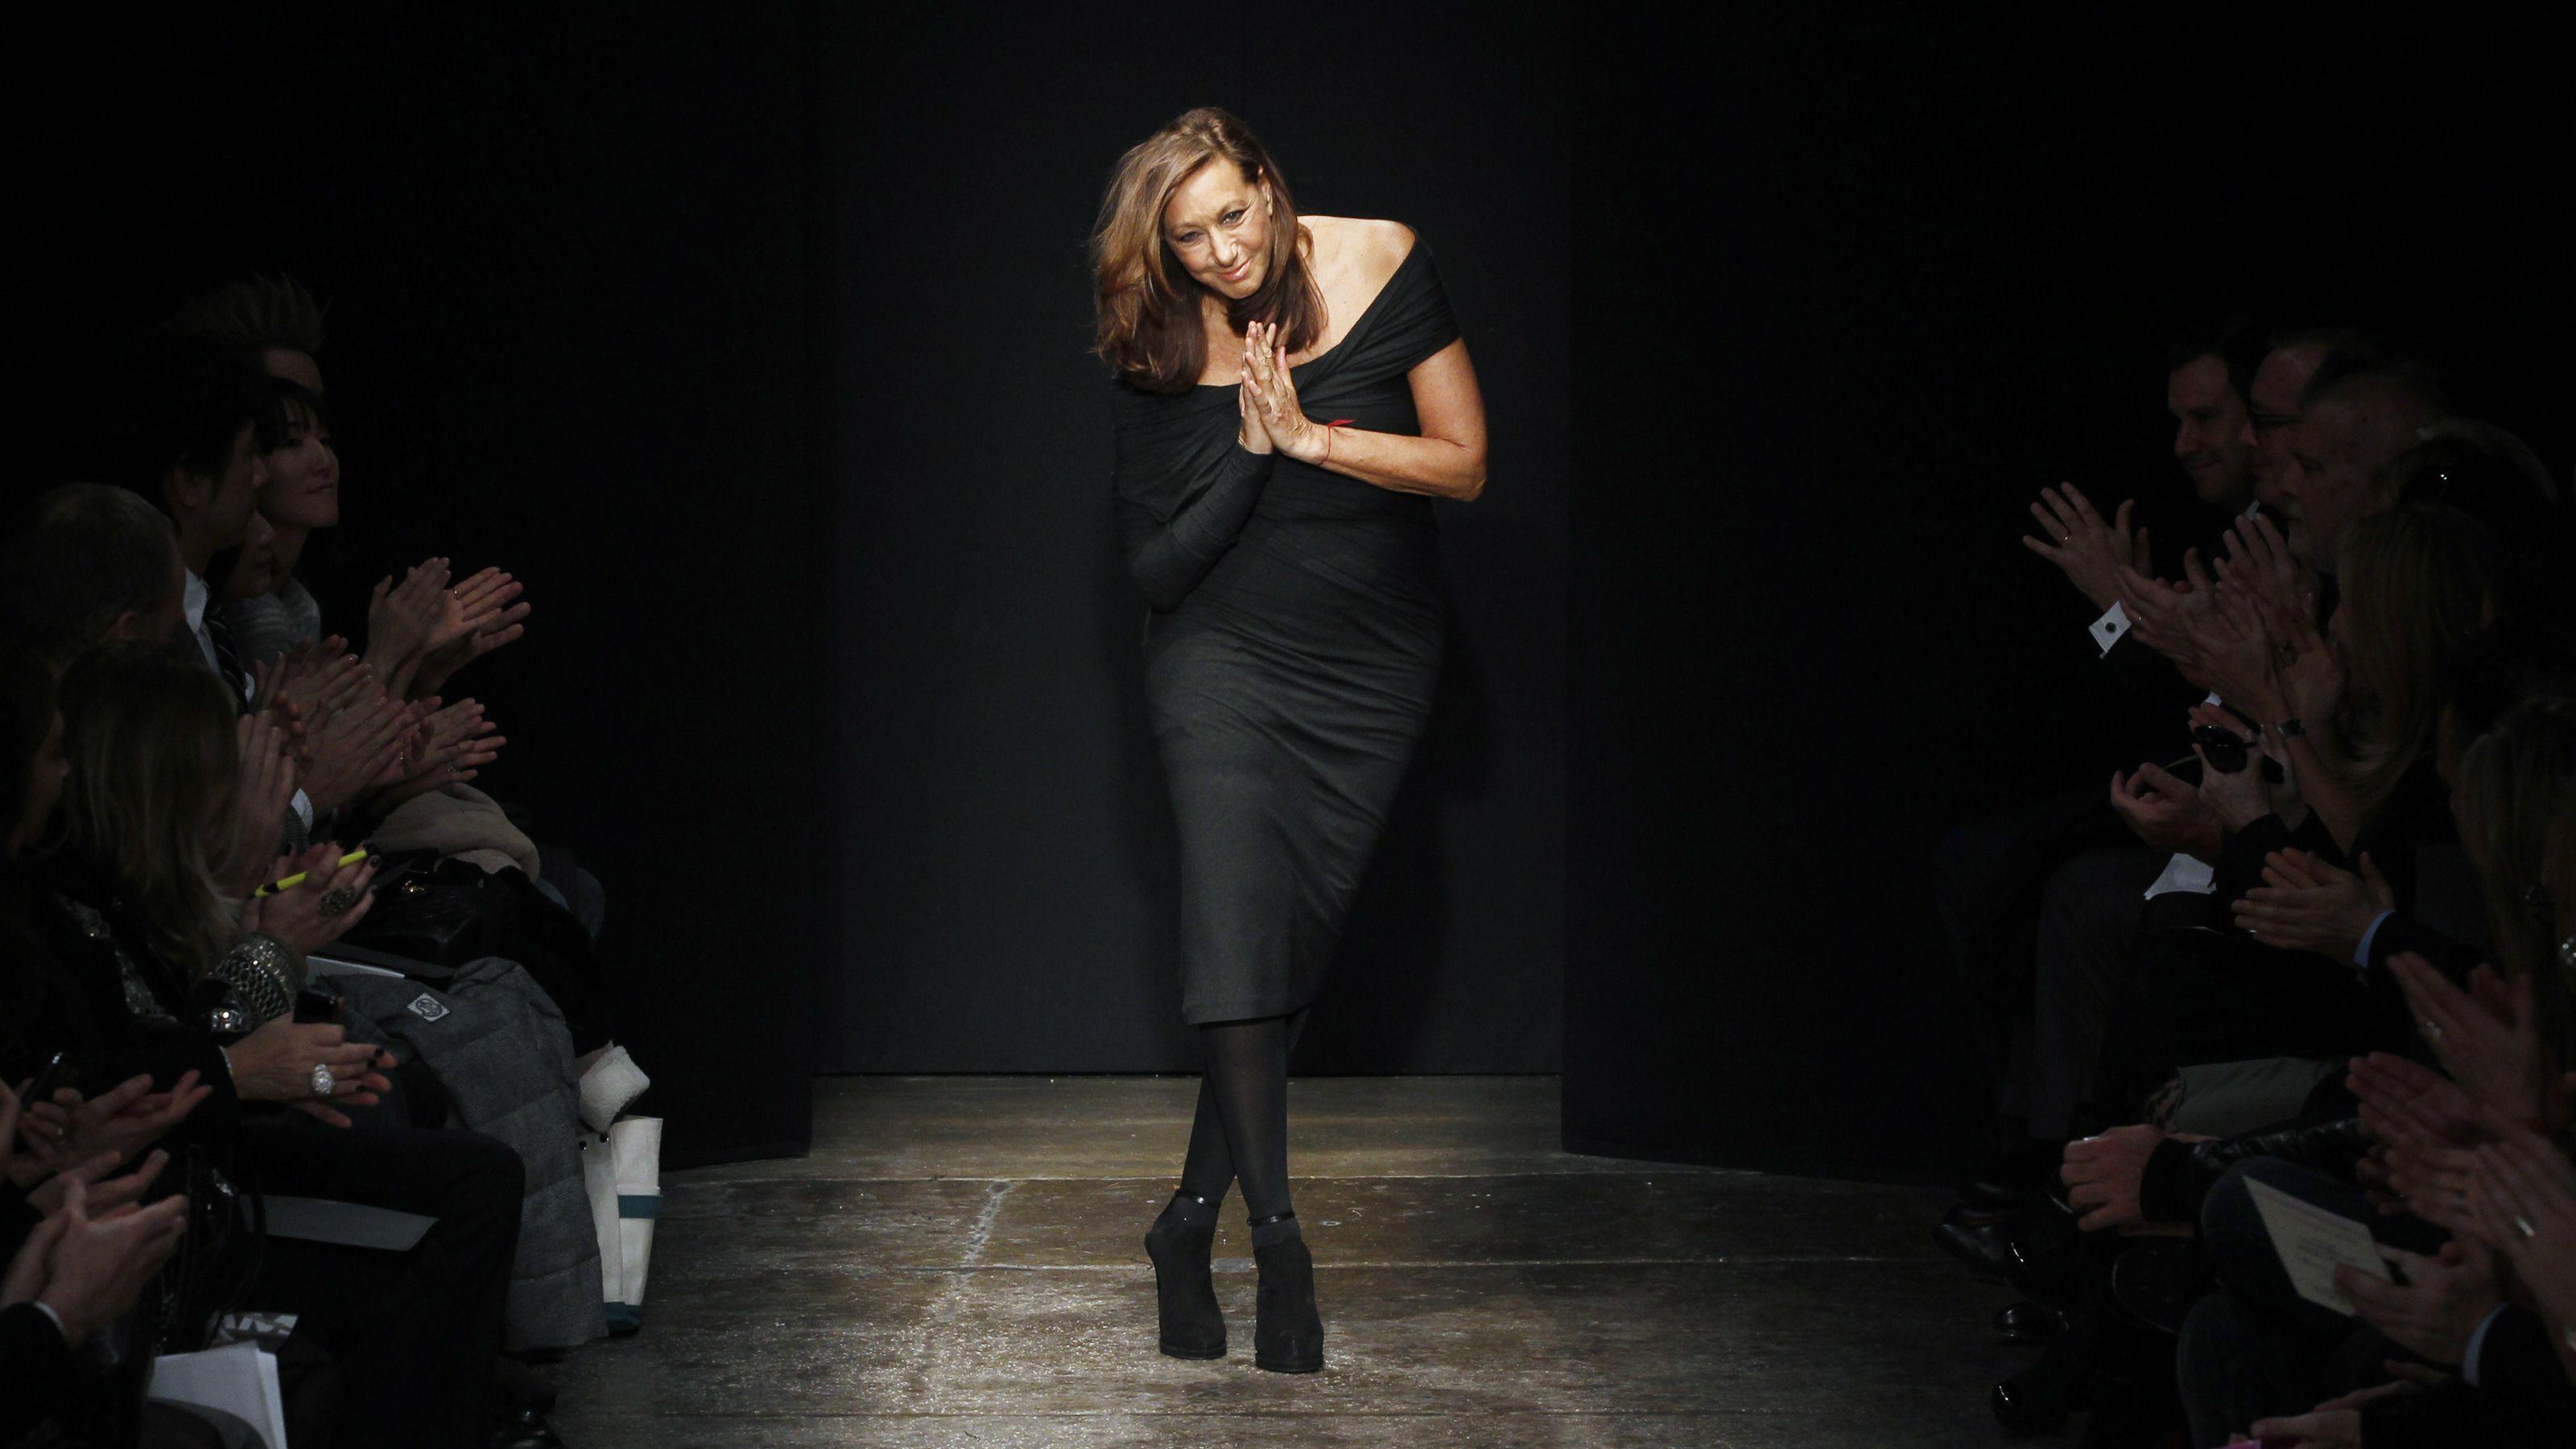 donna karan, bodysuit, retirement, seven easy pieces